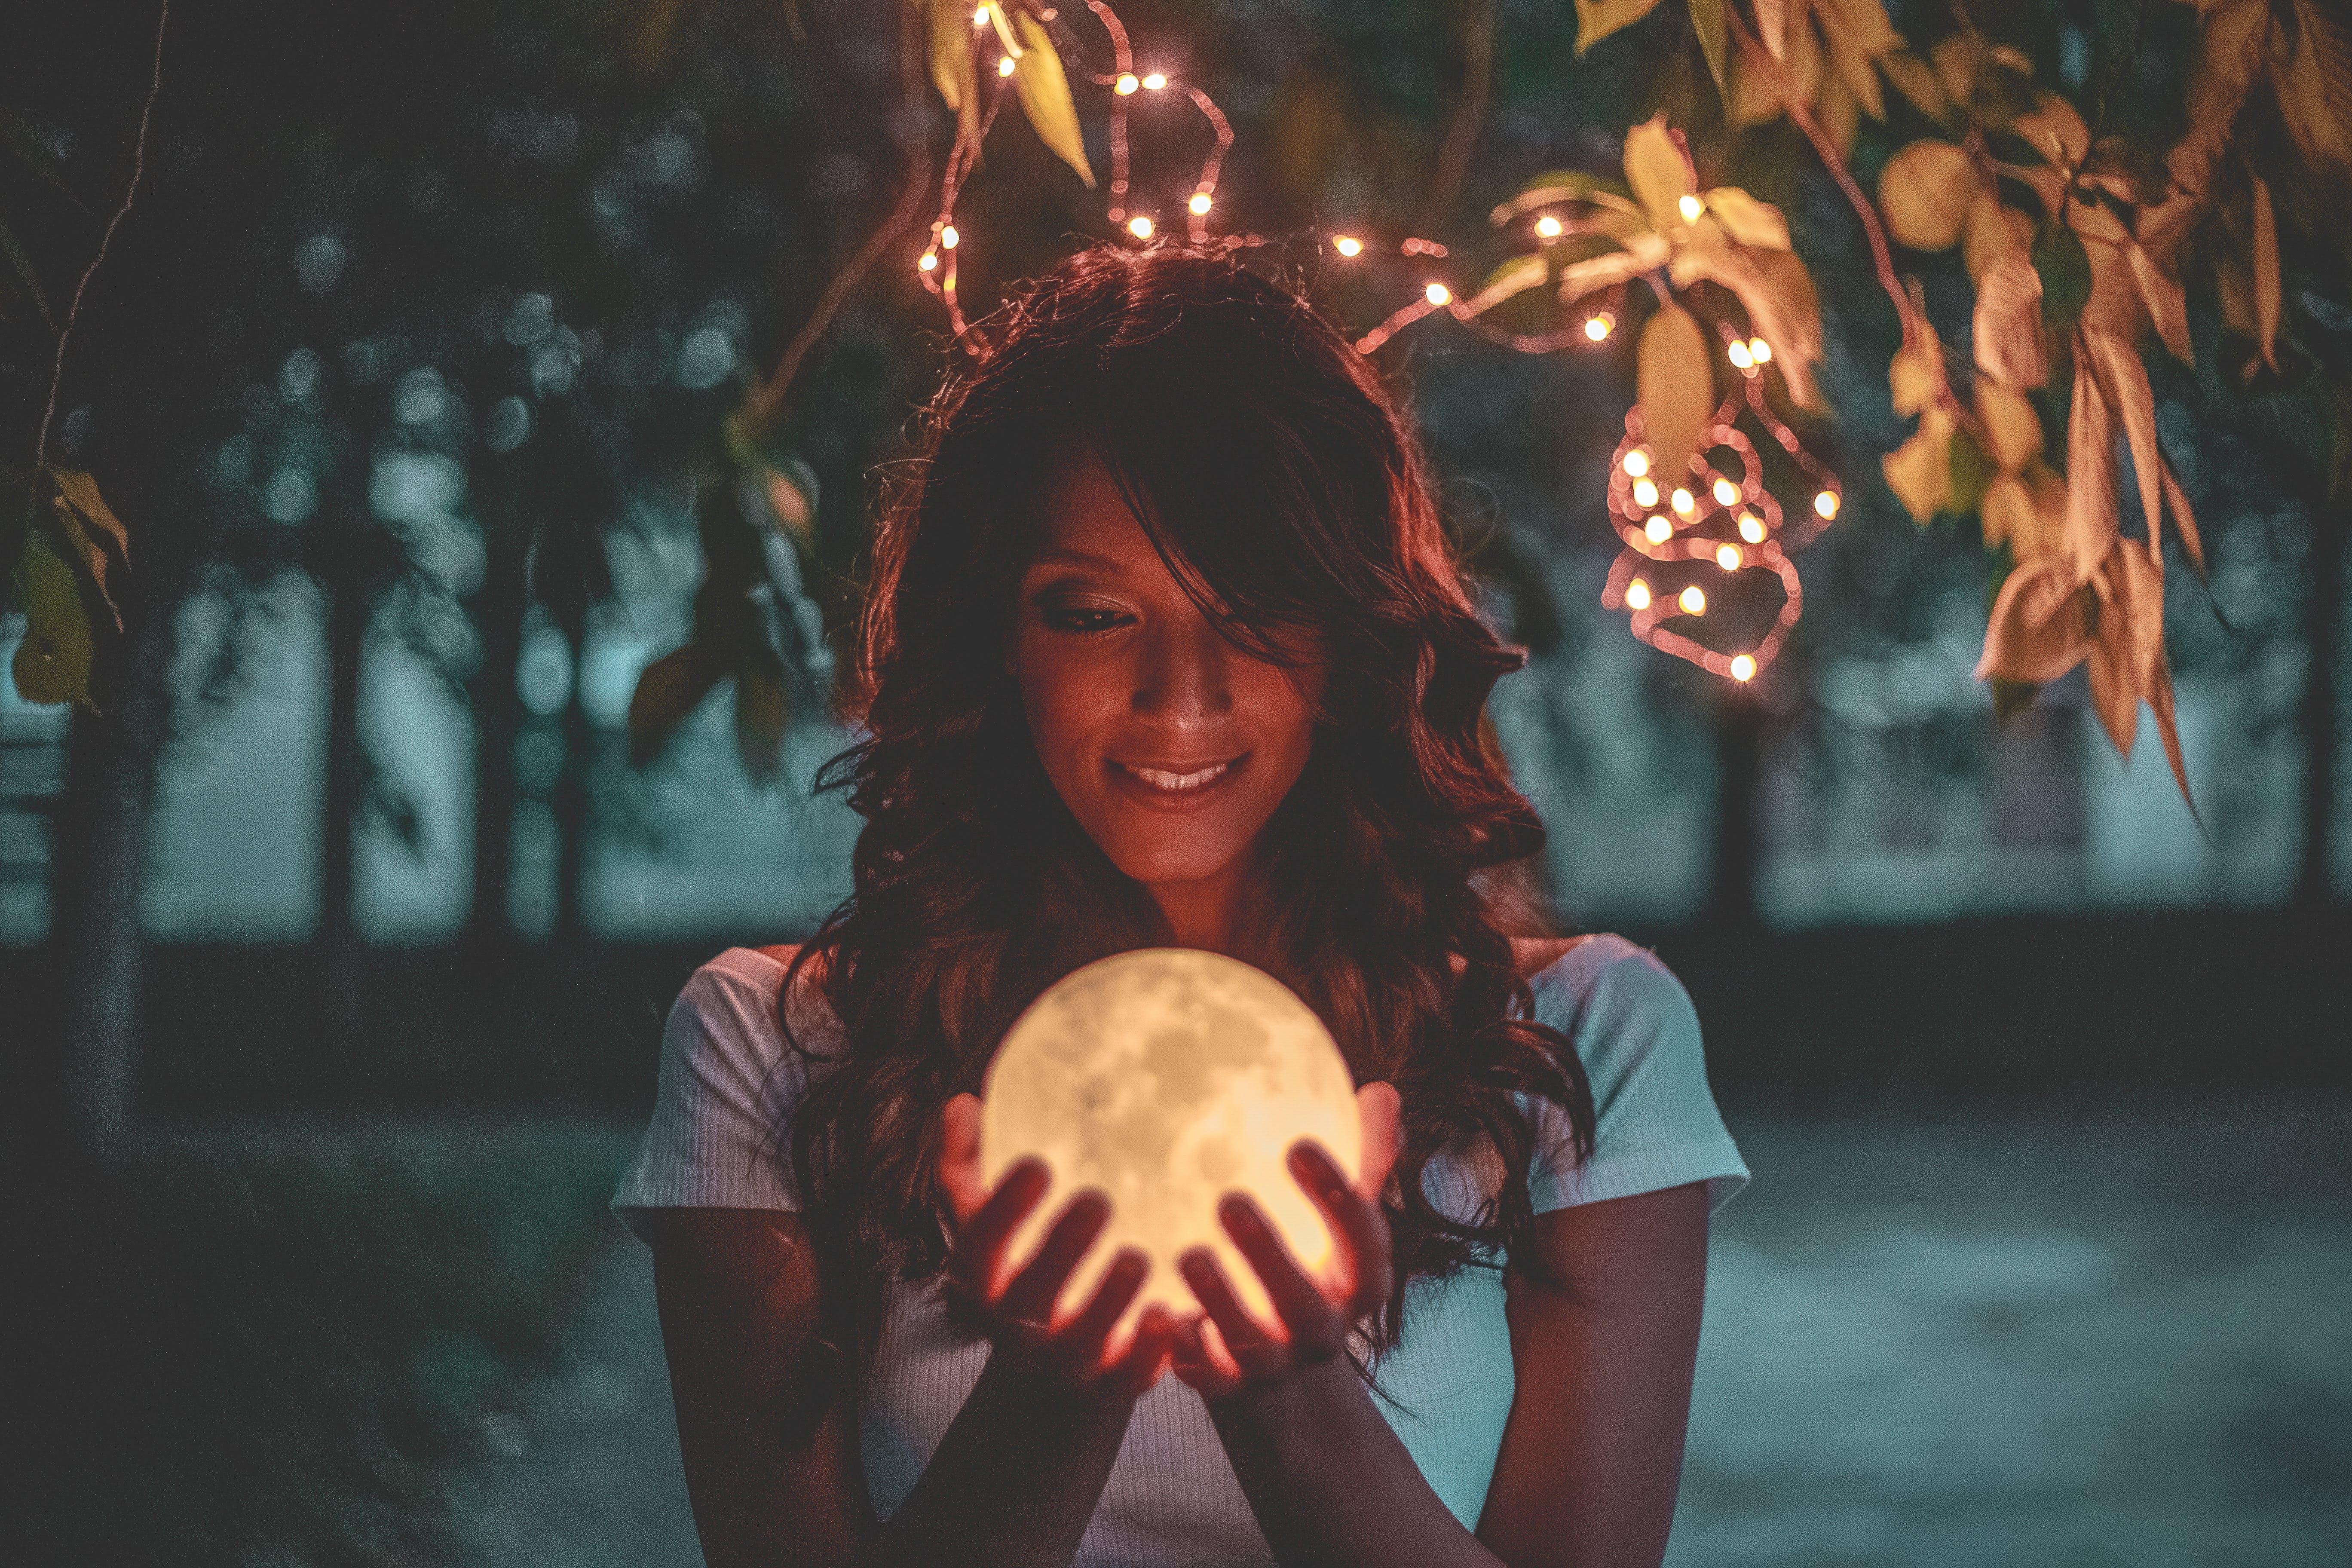 Безкоштовне стокове фото на тему «Дівчина, жінка, задоволення, кришталева куля»